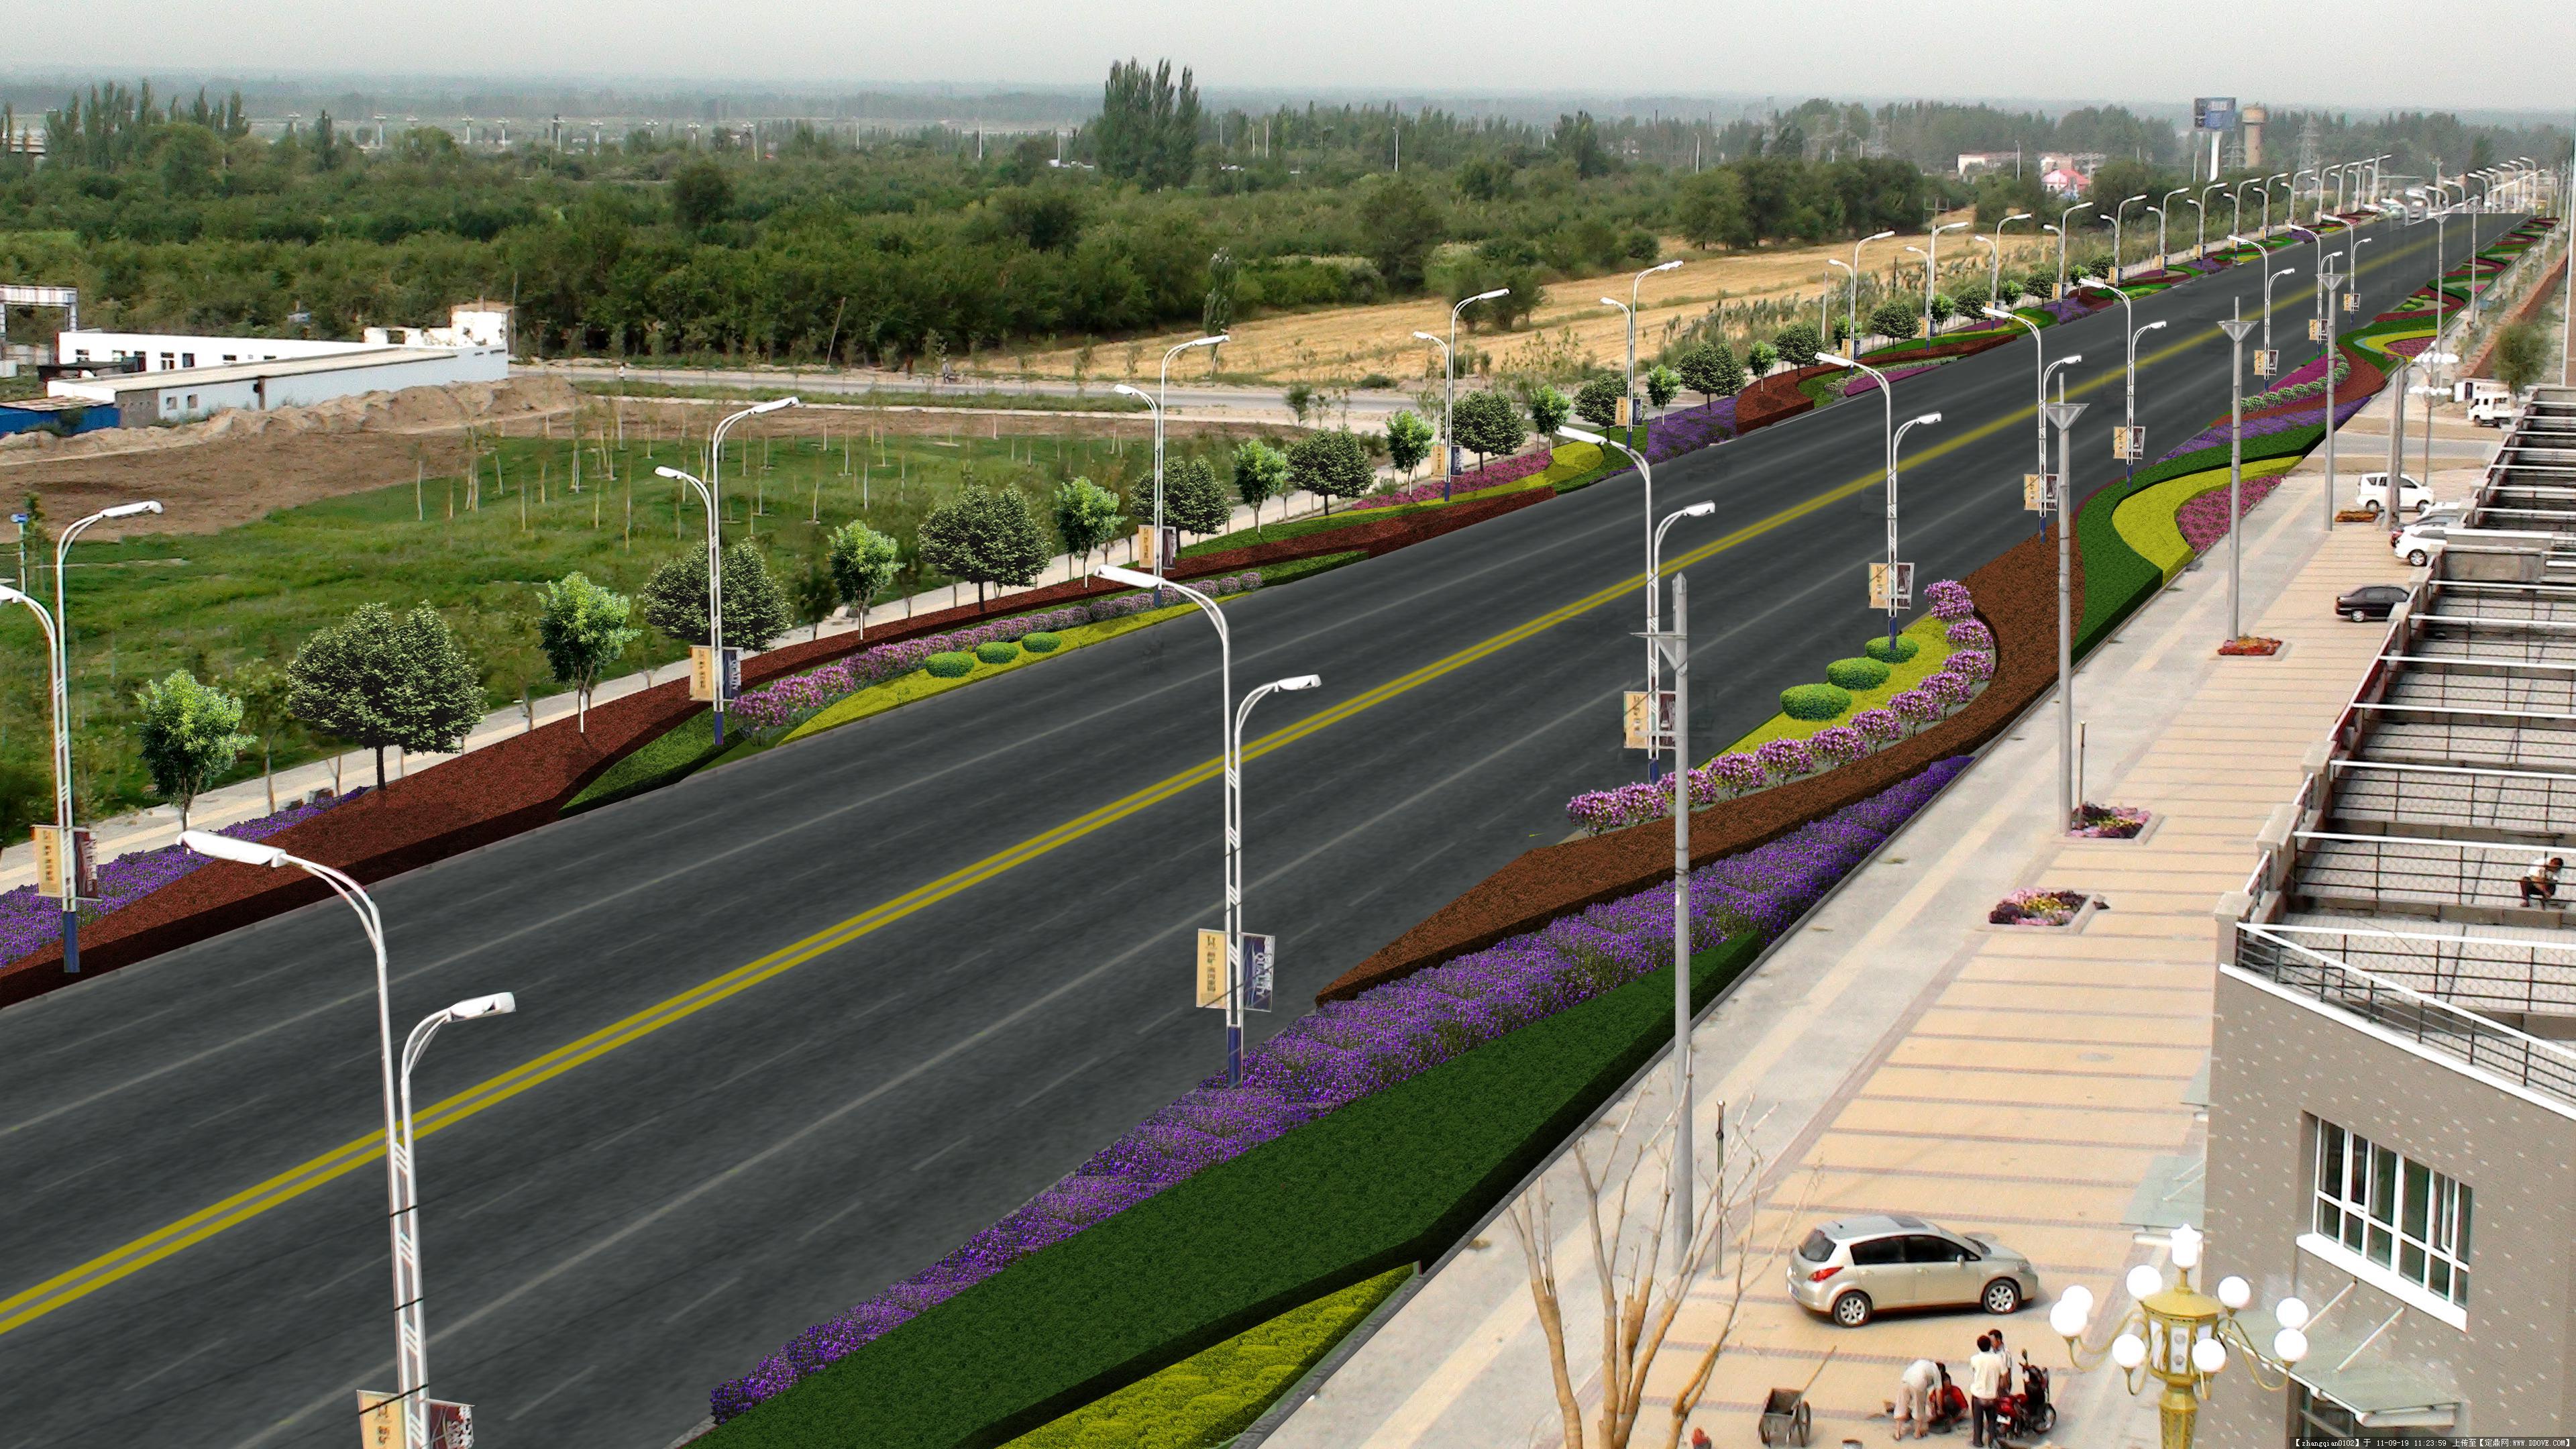 伊宁市新华西路道路绿化效果图的图片浏览,园林效果图,道路